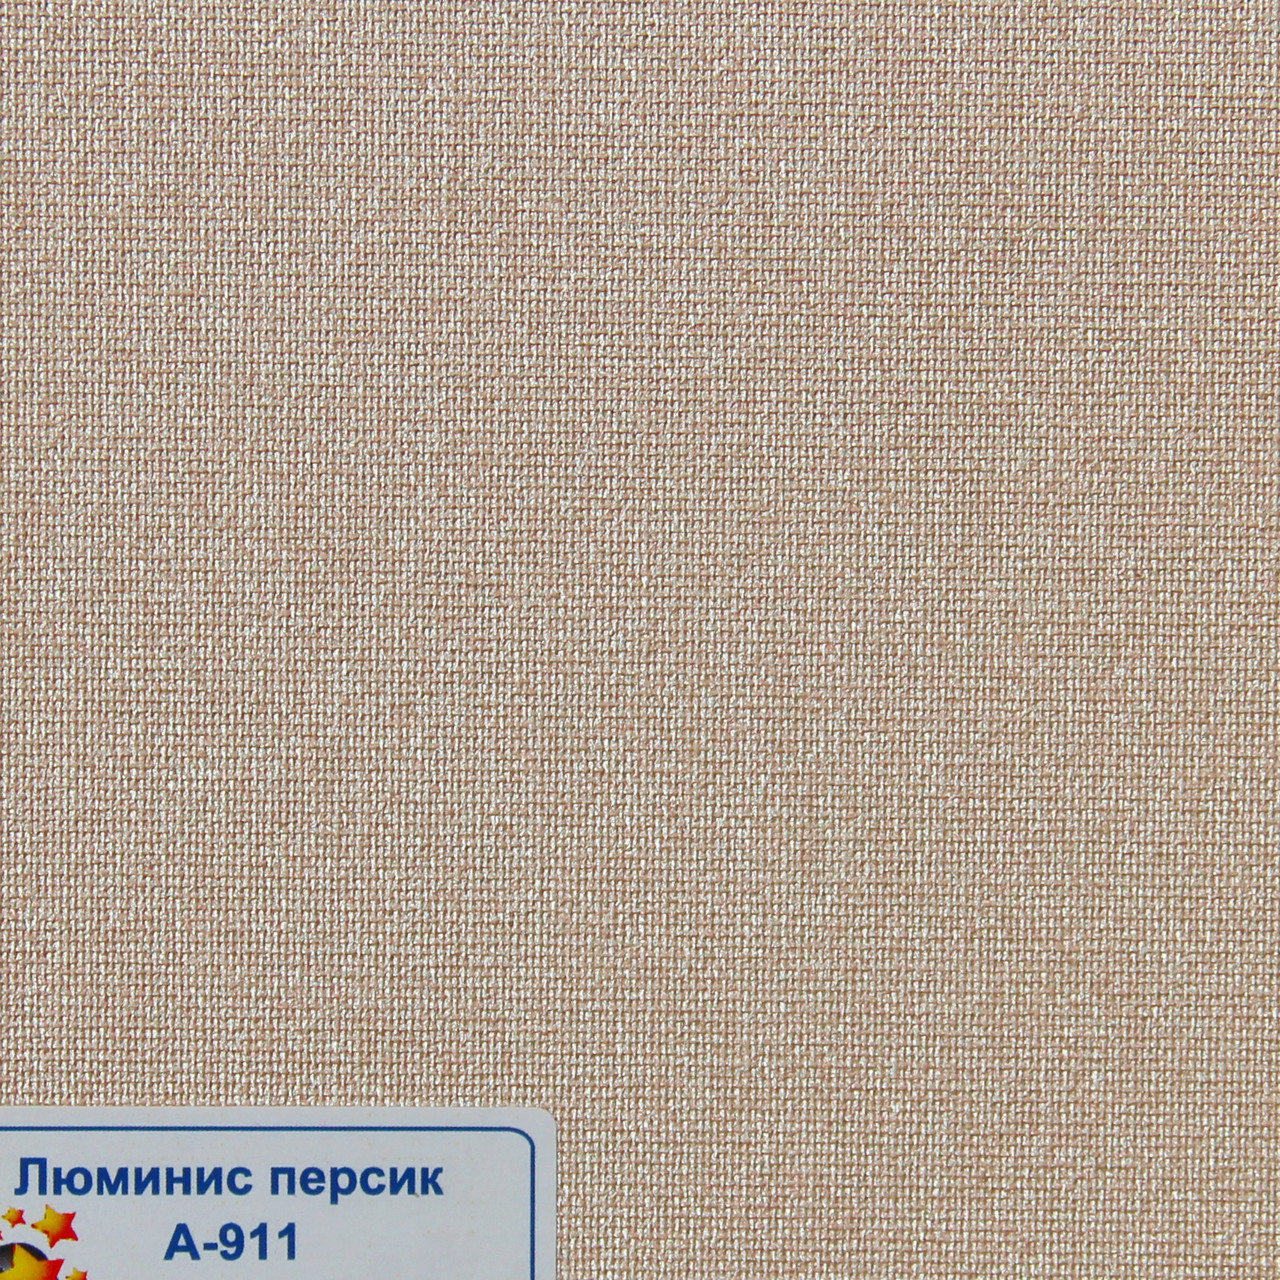 Рулонные шторы Одесса Ткань Люминис Персик А-911